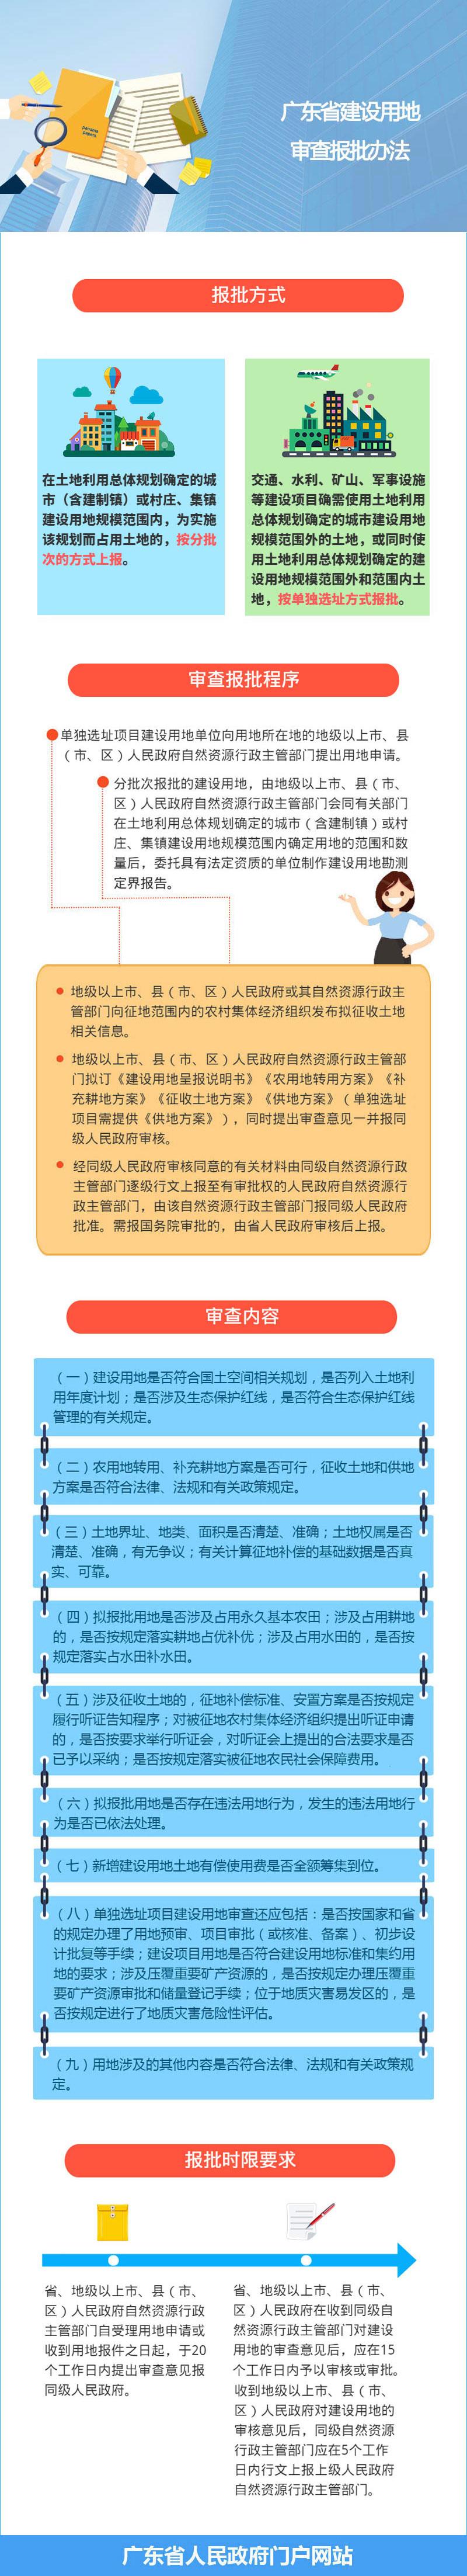 广东出台办法 规范建设用地审查报批行为-梦之网科技